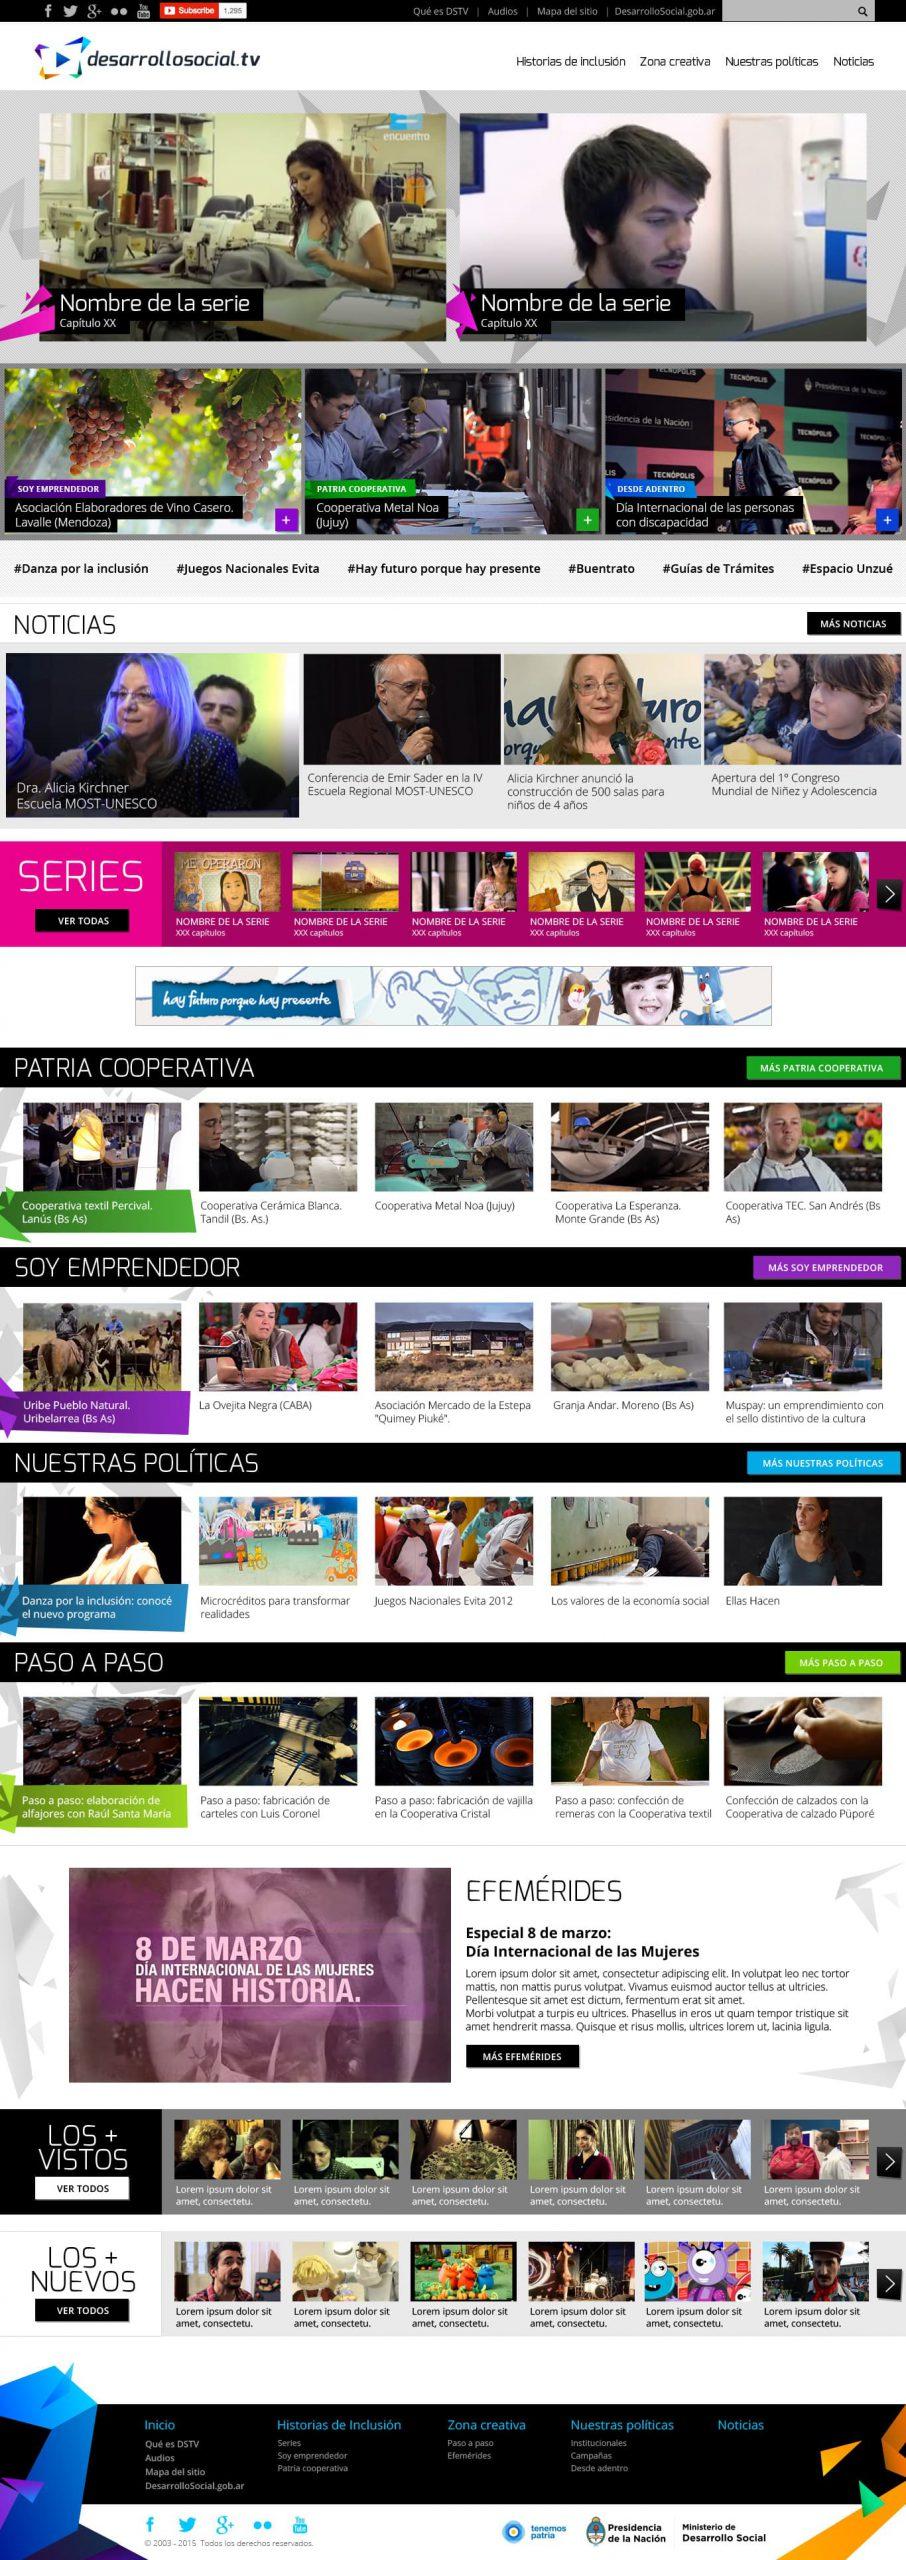 Desarrollo Social TV - Home